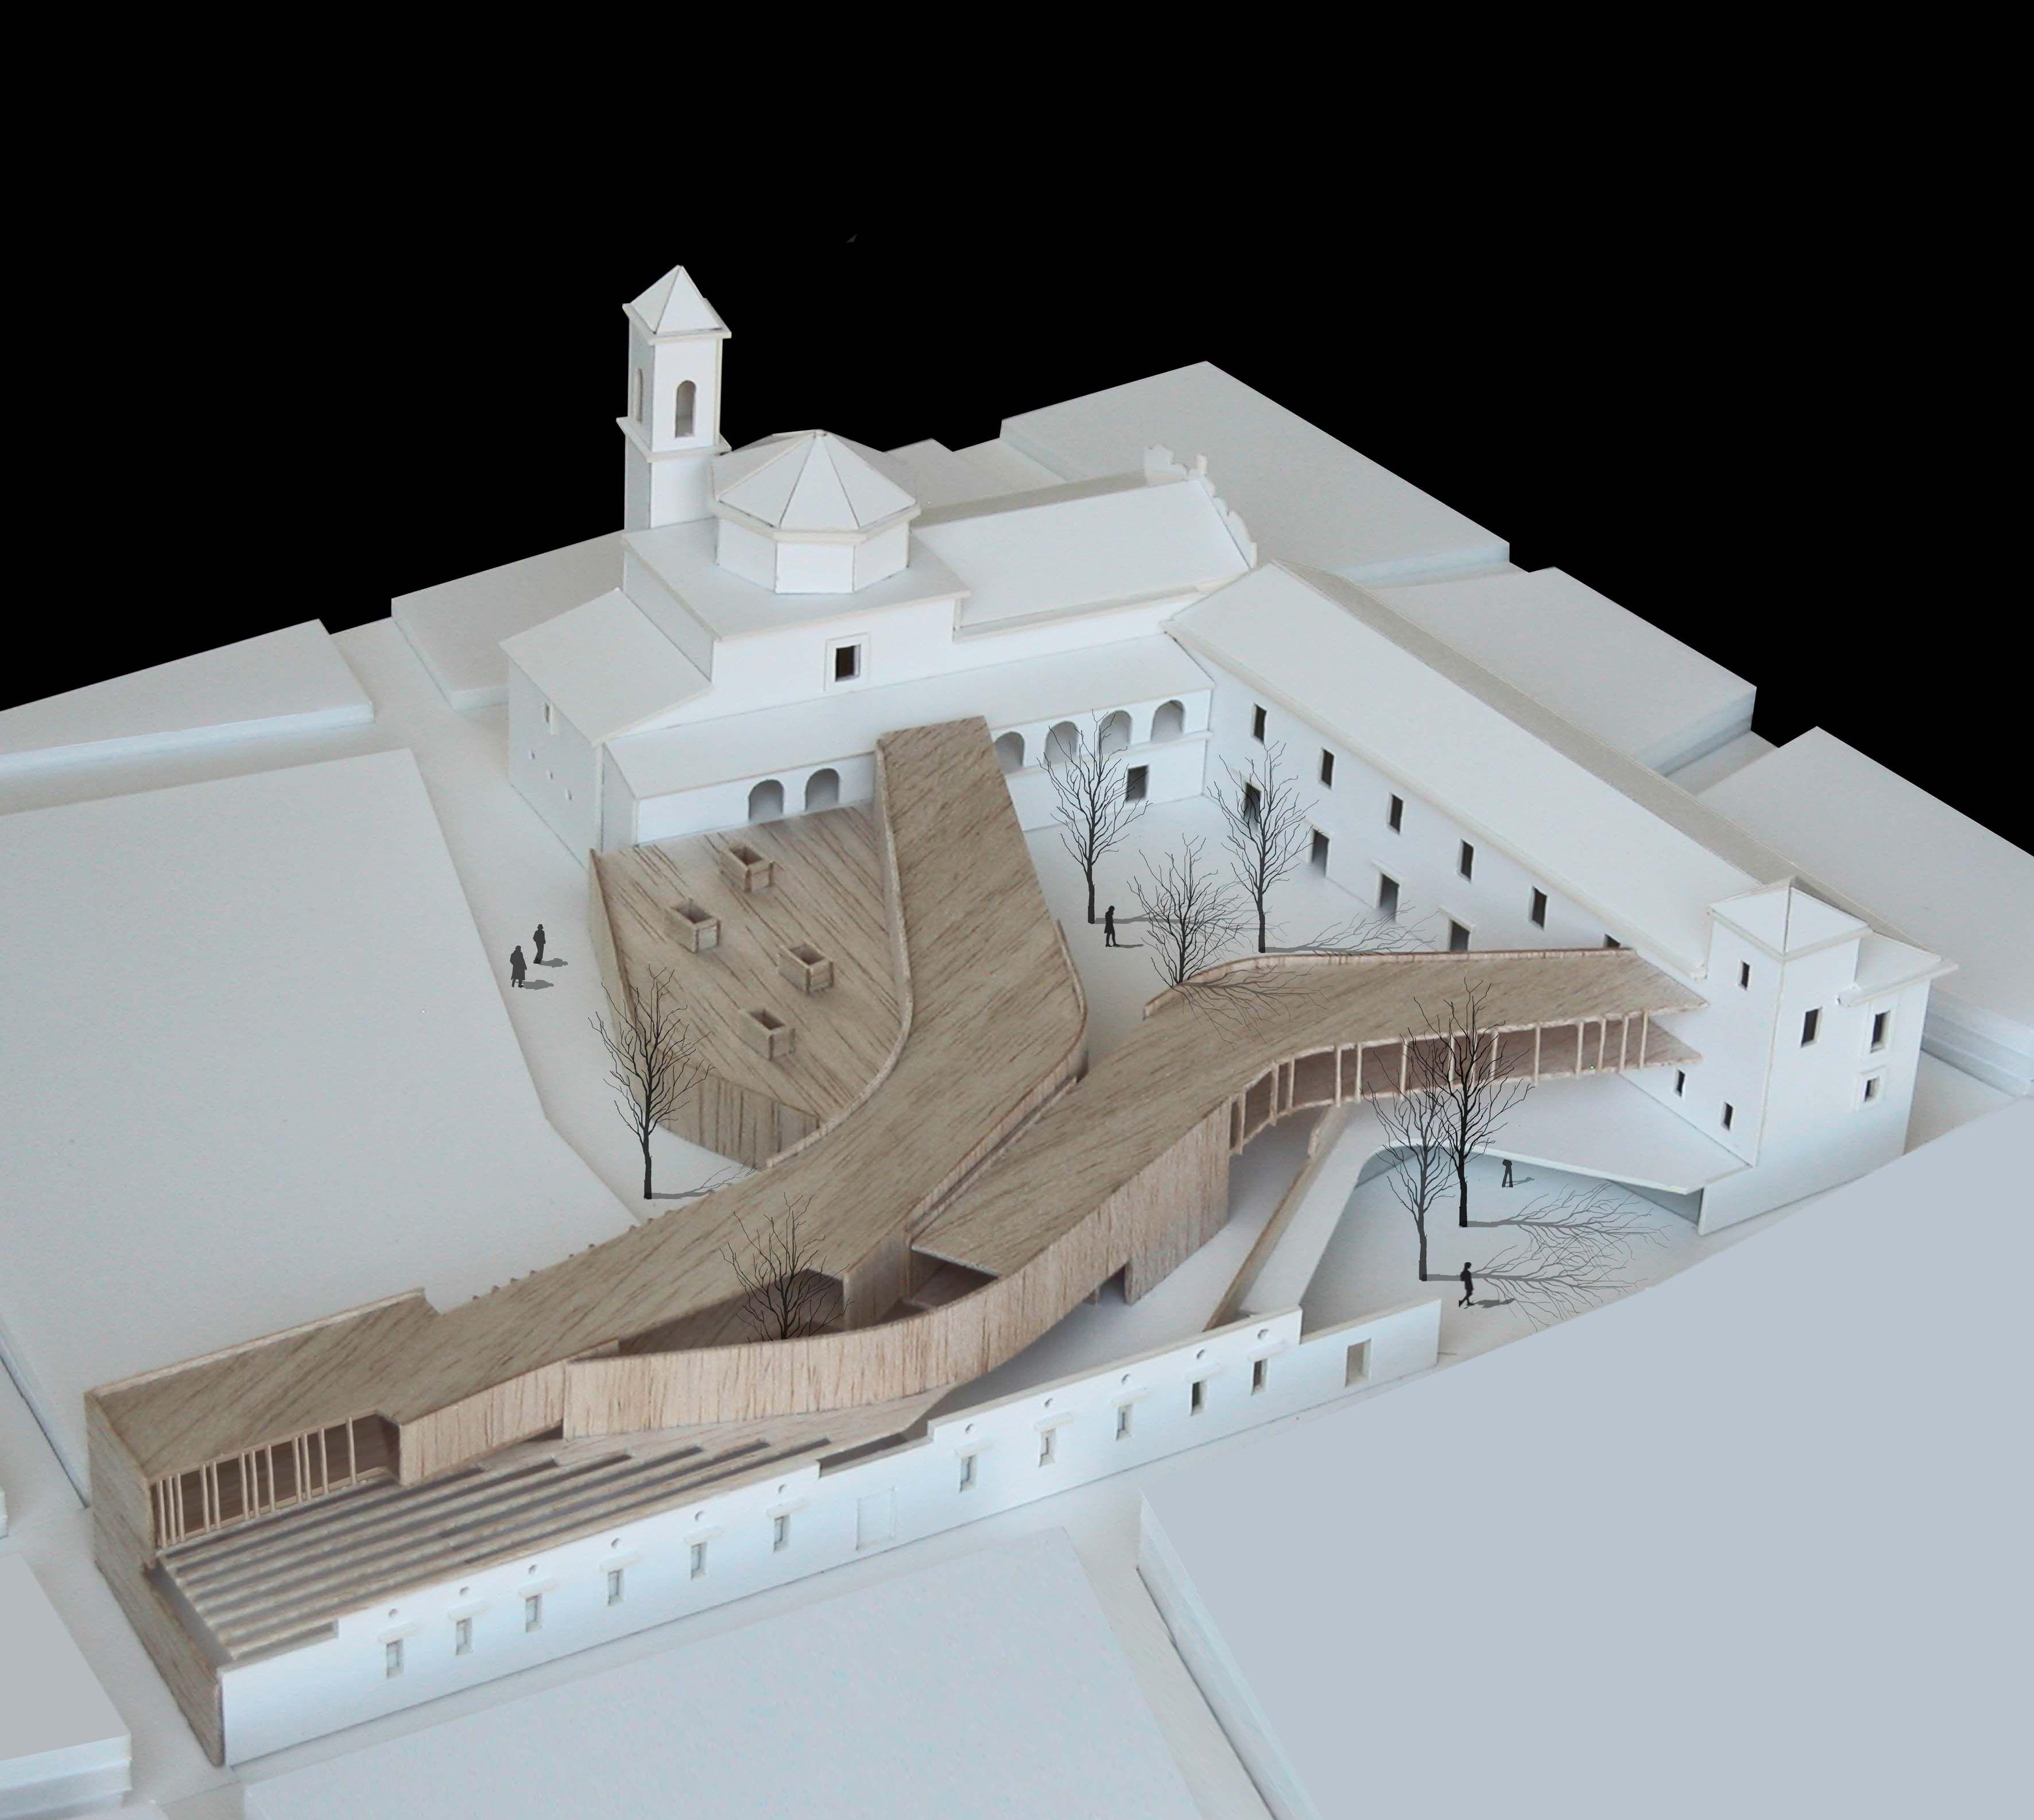 maqueta arquitectura pinterest maquettes. Black Bedroom Furniture Sets. Home Design Ideas